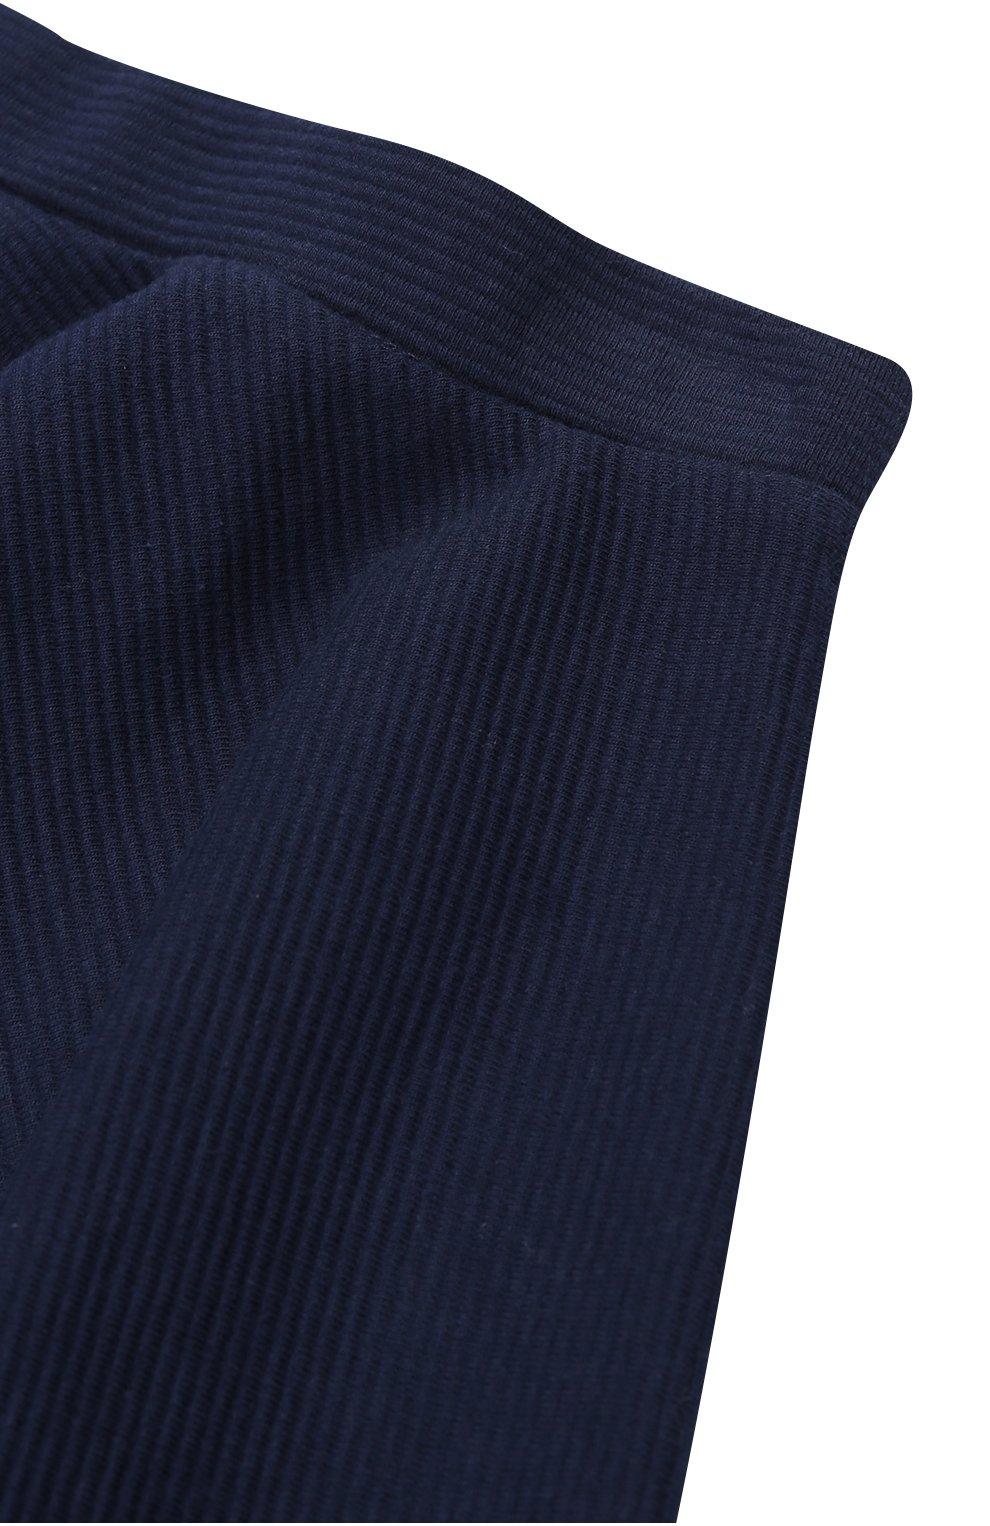 Хлопковая мини-юбка свободного кроя   Фото №3